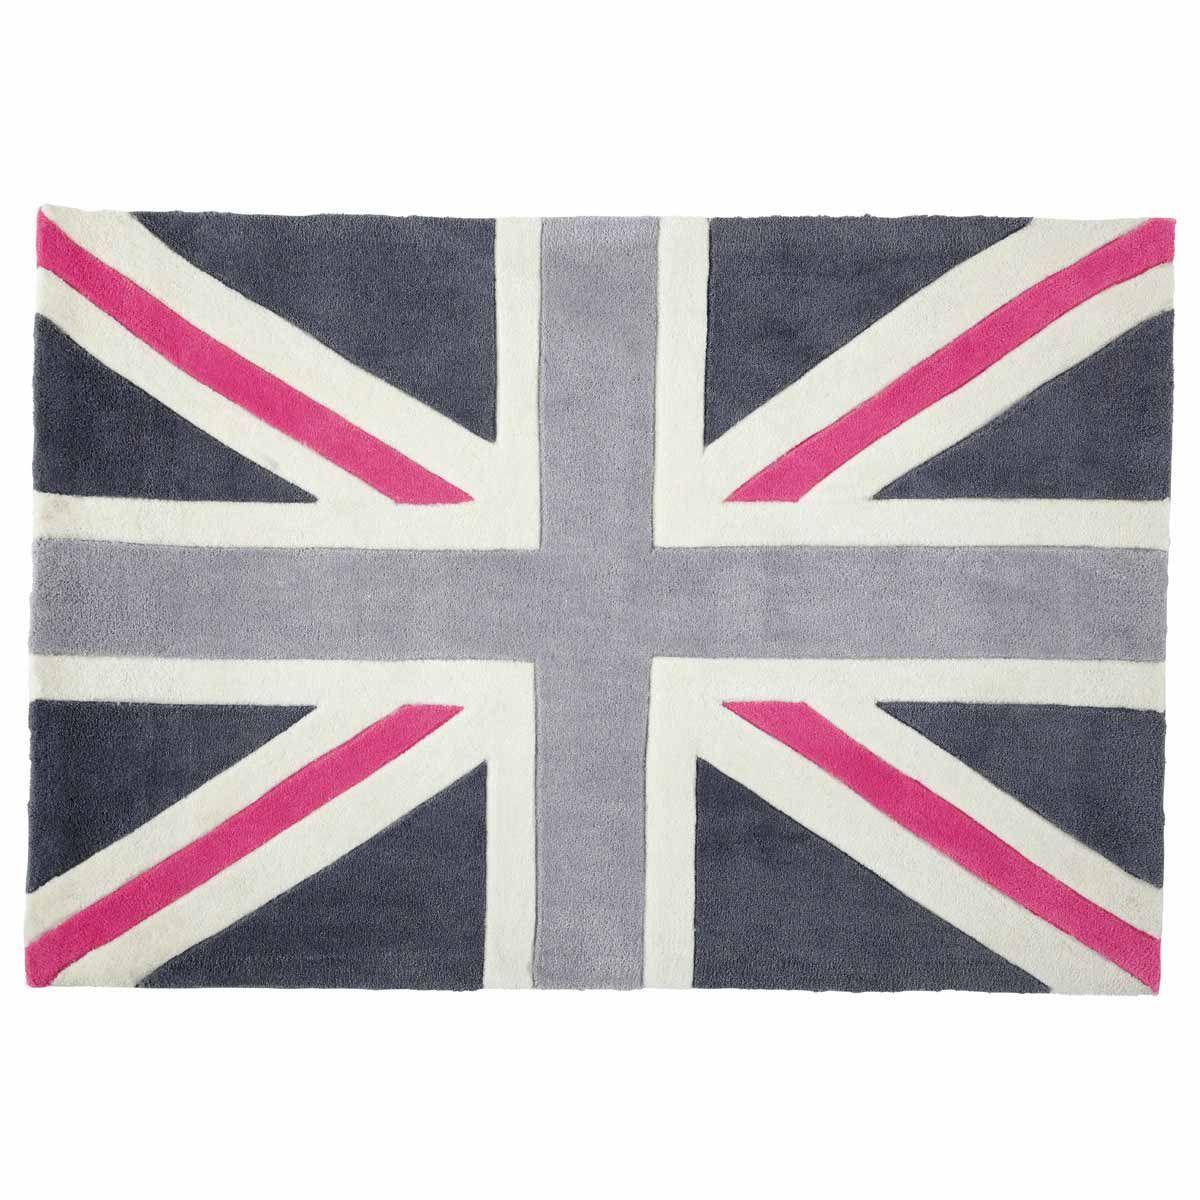 tapis union jack rose 80x120 maisons du monde chambre clara pinterest union jack maison. Black Bedroom Furniture Sets. Home Design Ideas